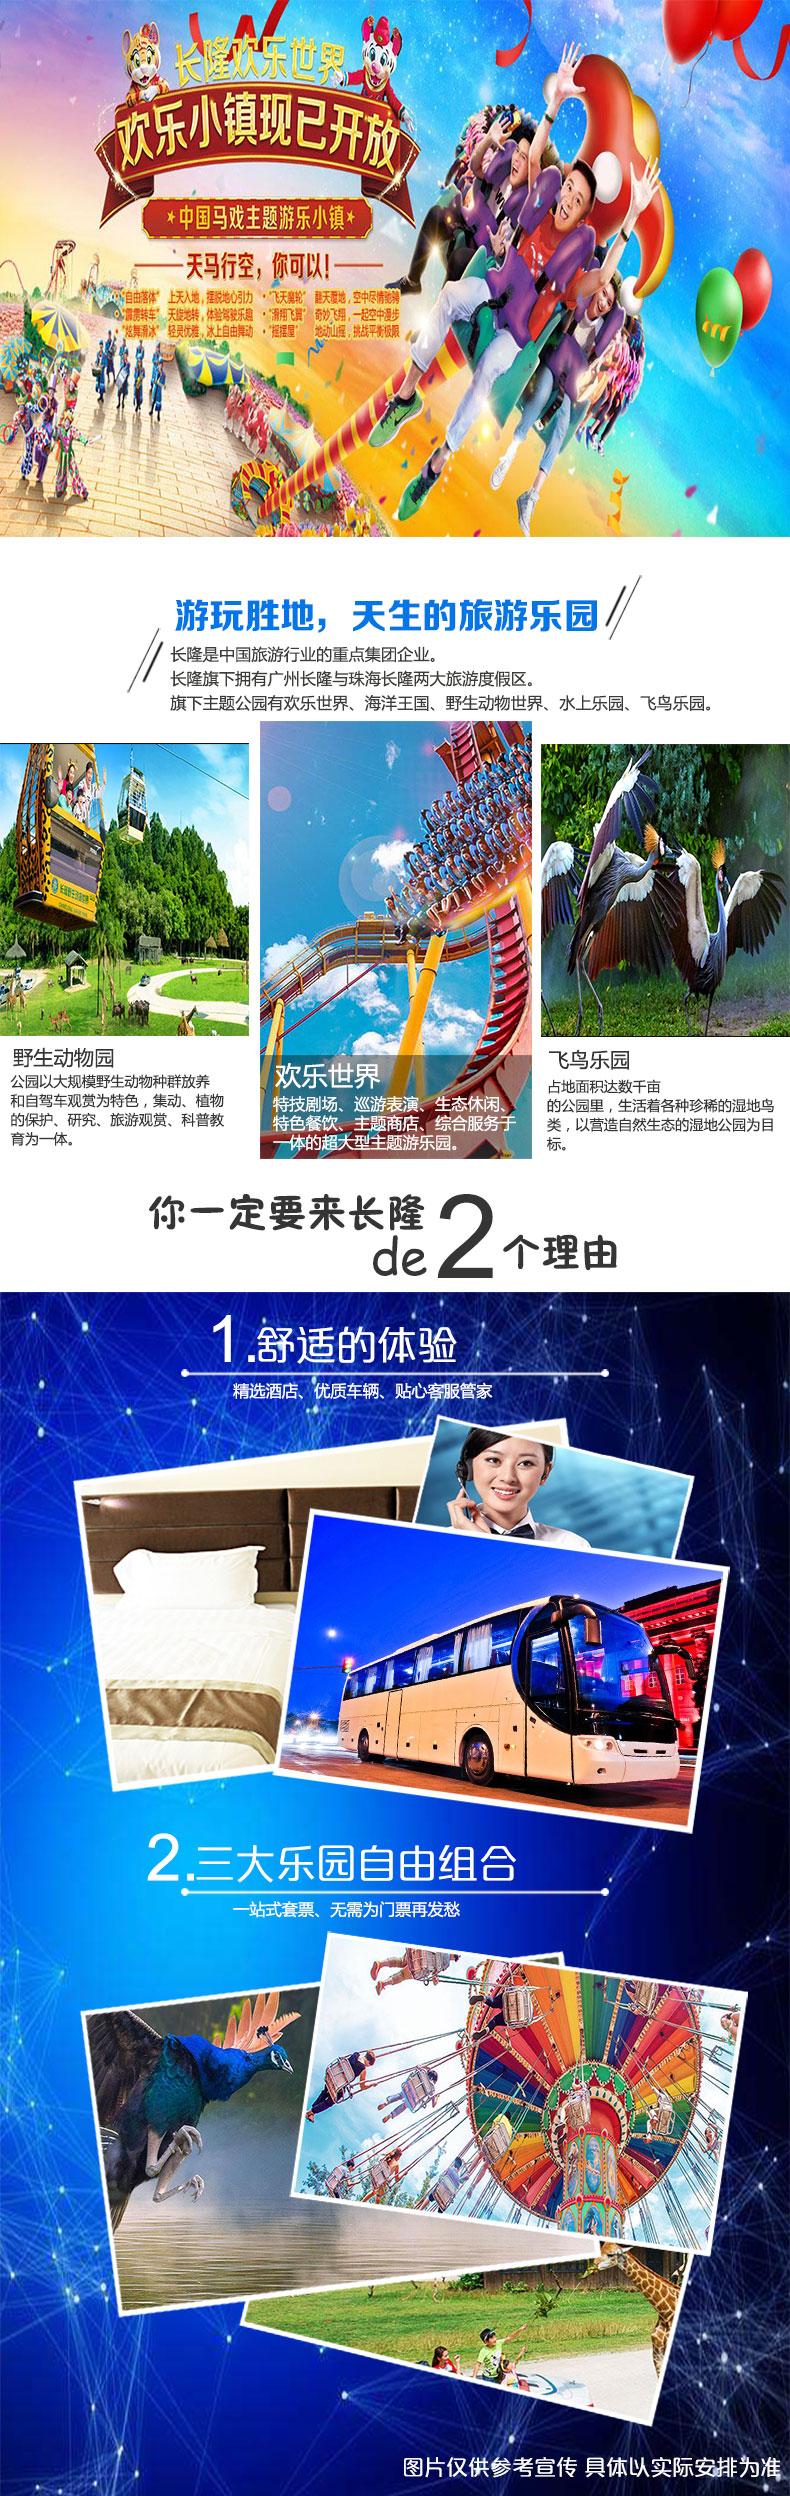 特色4,中国鳄鱼数量众多的动物主题公园.